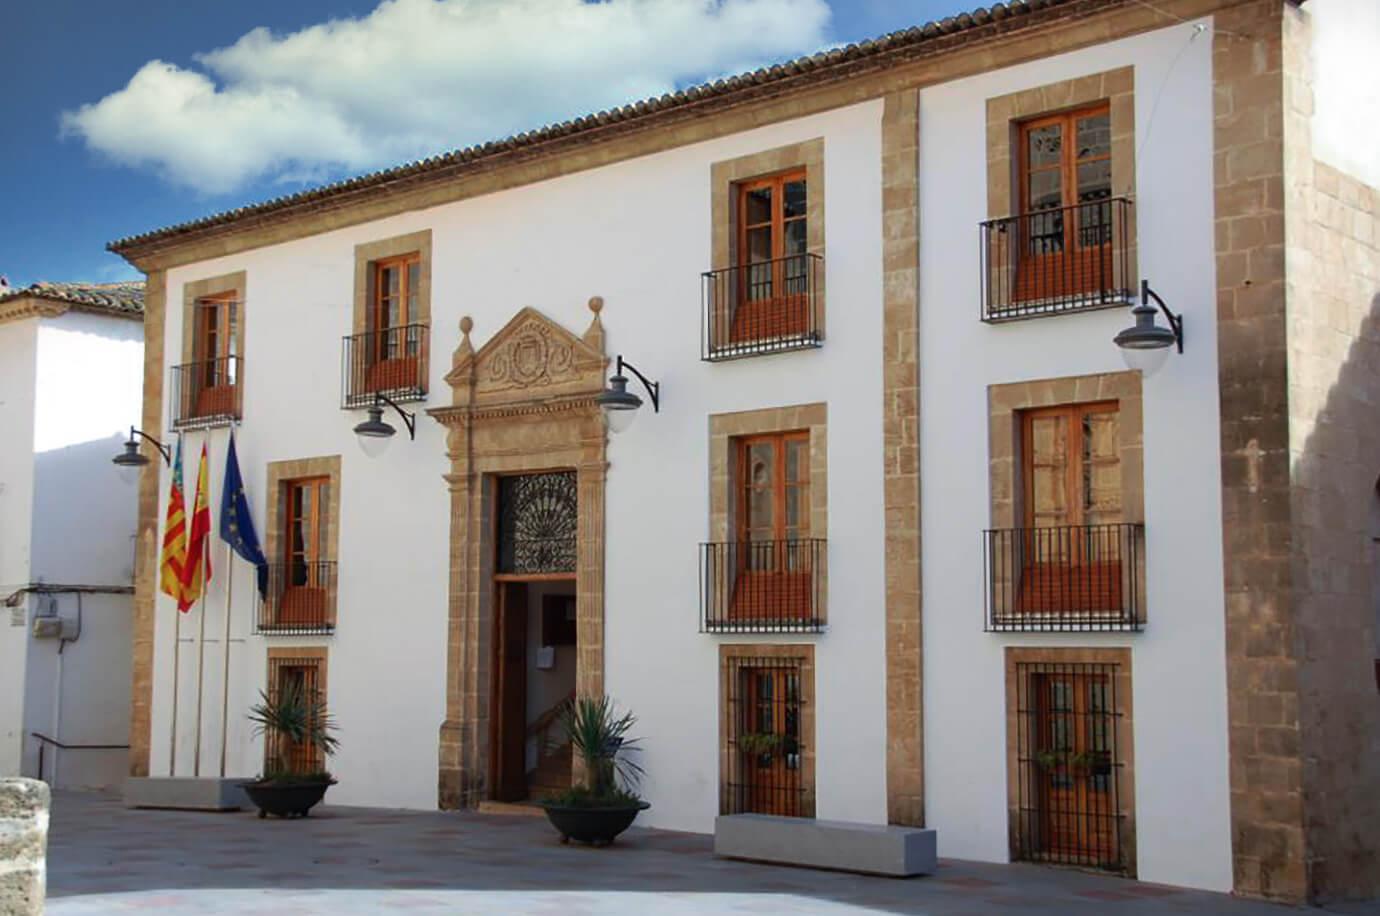 gemeenthuis Jávea, provincie Alicante, Costa Blanca